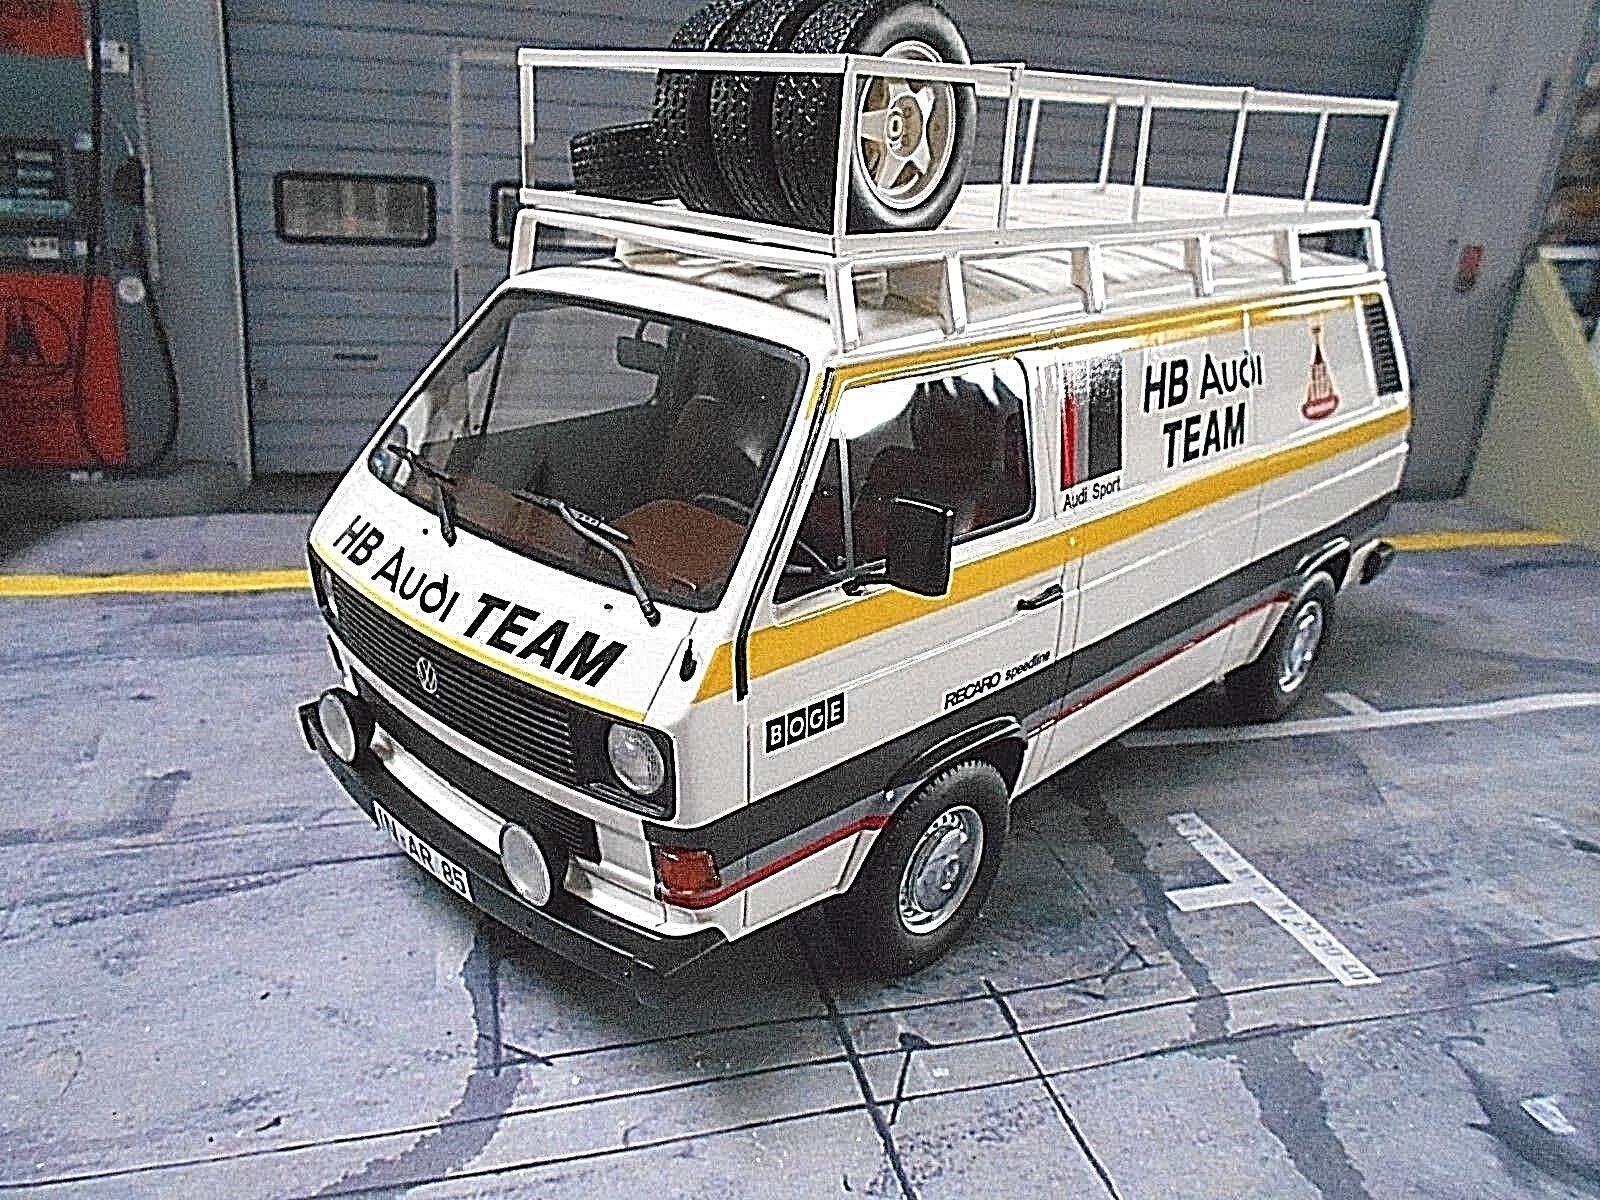 VW VW VW Volkswagen Bus T3 AUDI Motorsport Rallye Service HB Van Premiu Classixxs 1 18 36ada1